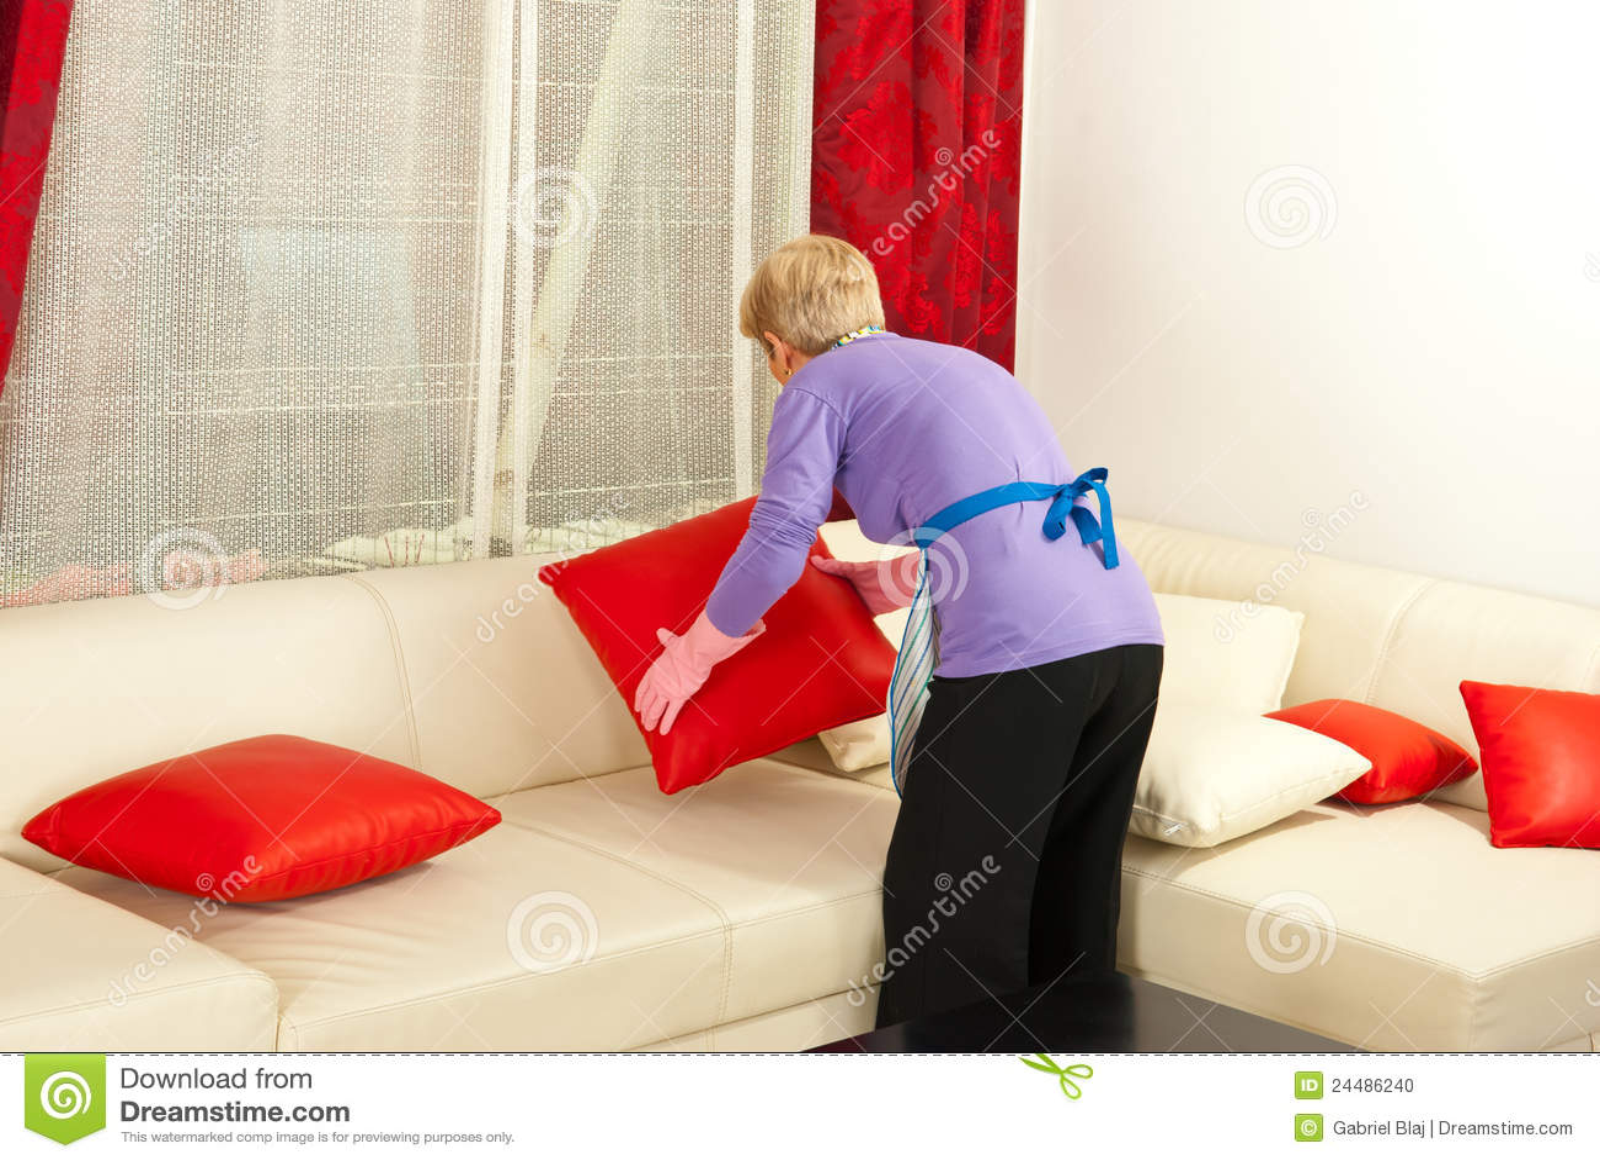 How To Arrange Sofa Pillows